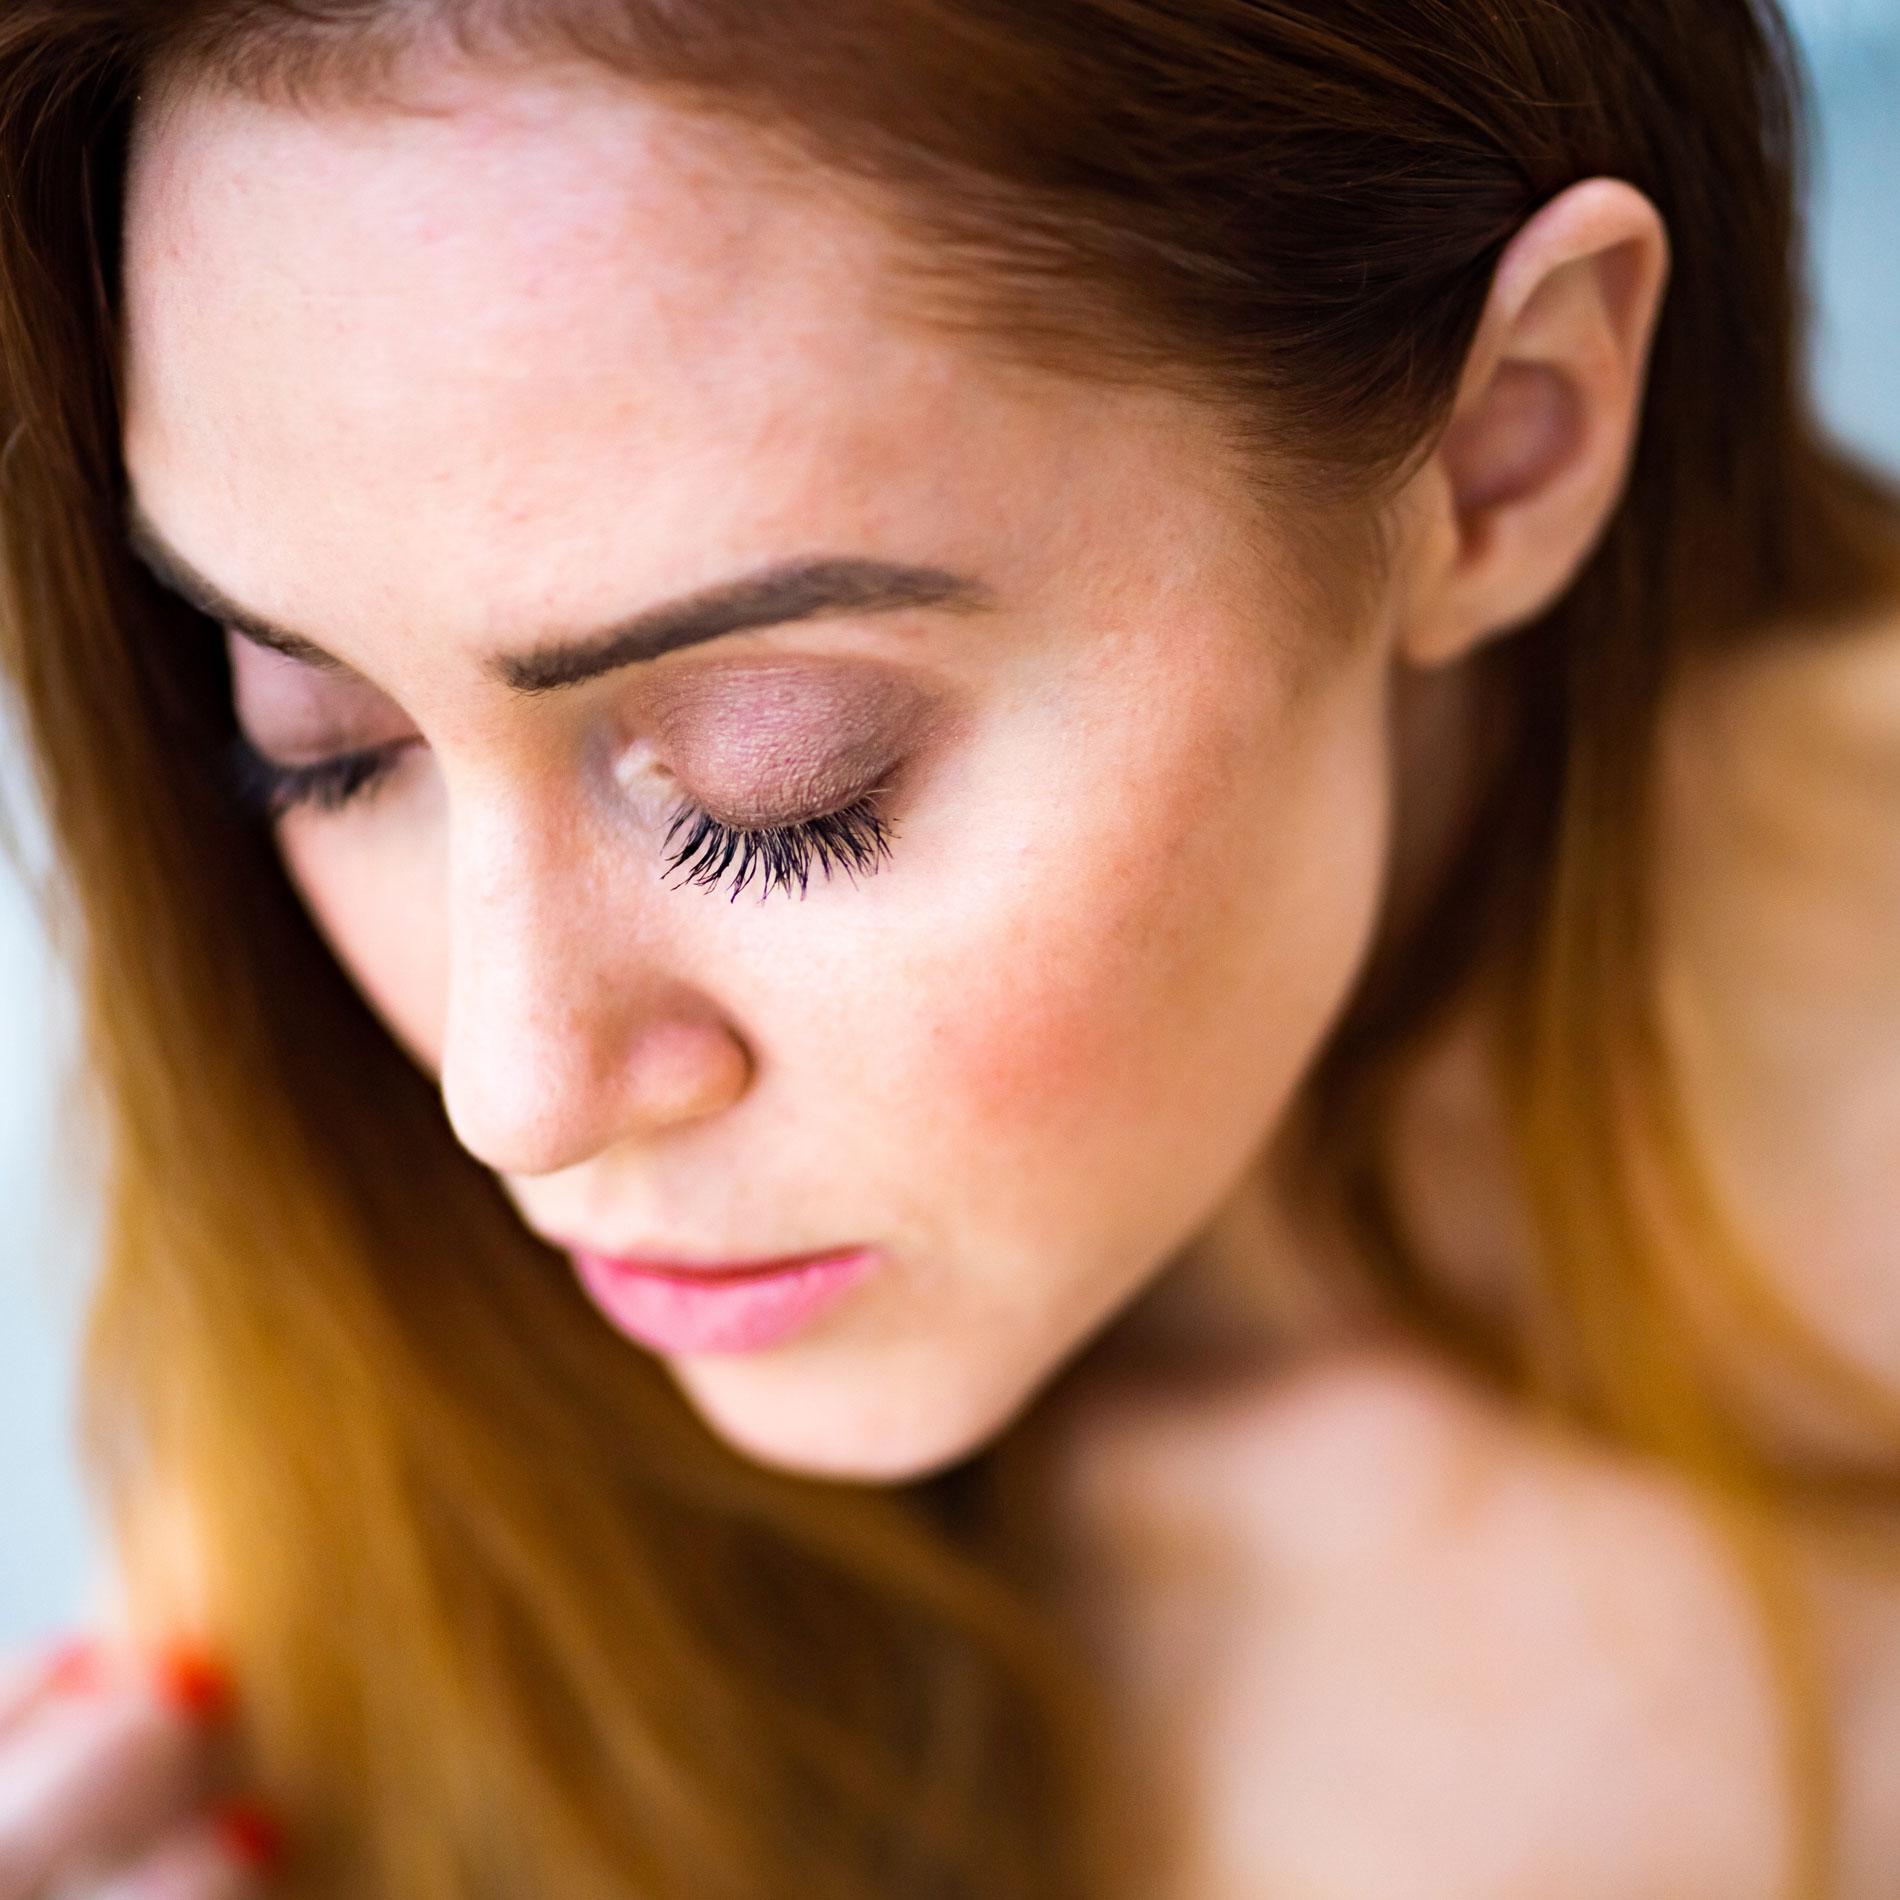 Klimper Wimpern, tolle Mascara, Beauty Picks, Beauty Empfehlung, sexy Augenaufschlag, Augen Make-up, Wimperntusche, Naturkosmetik, dekorative Kosmetik